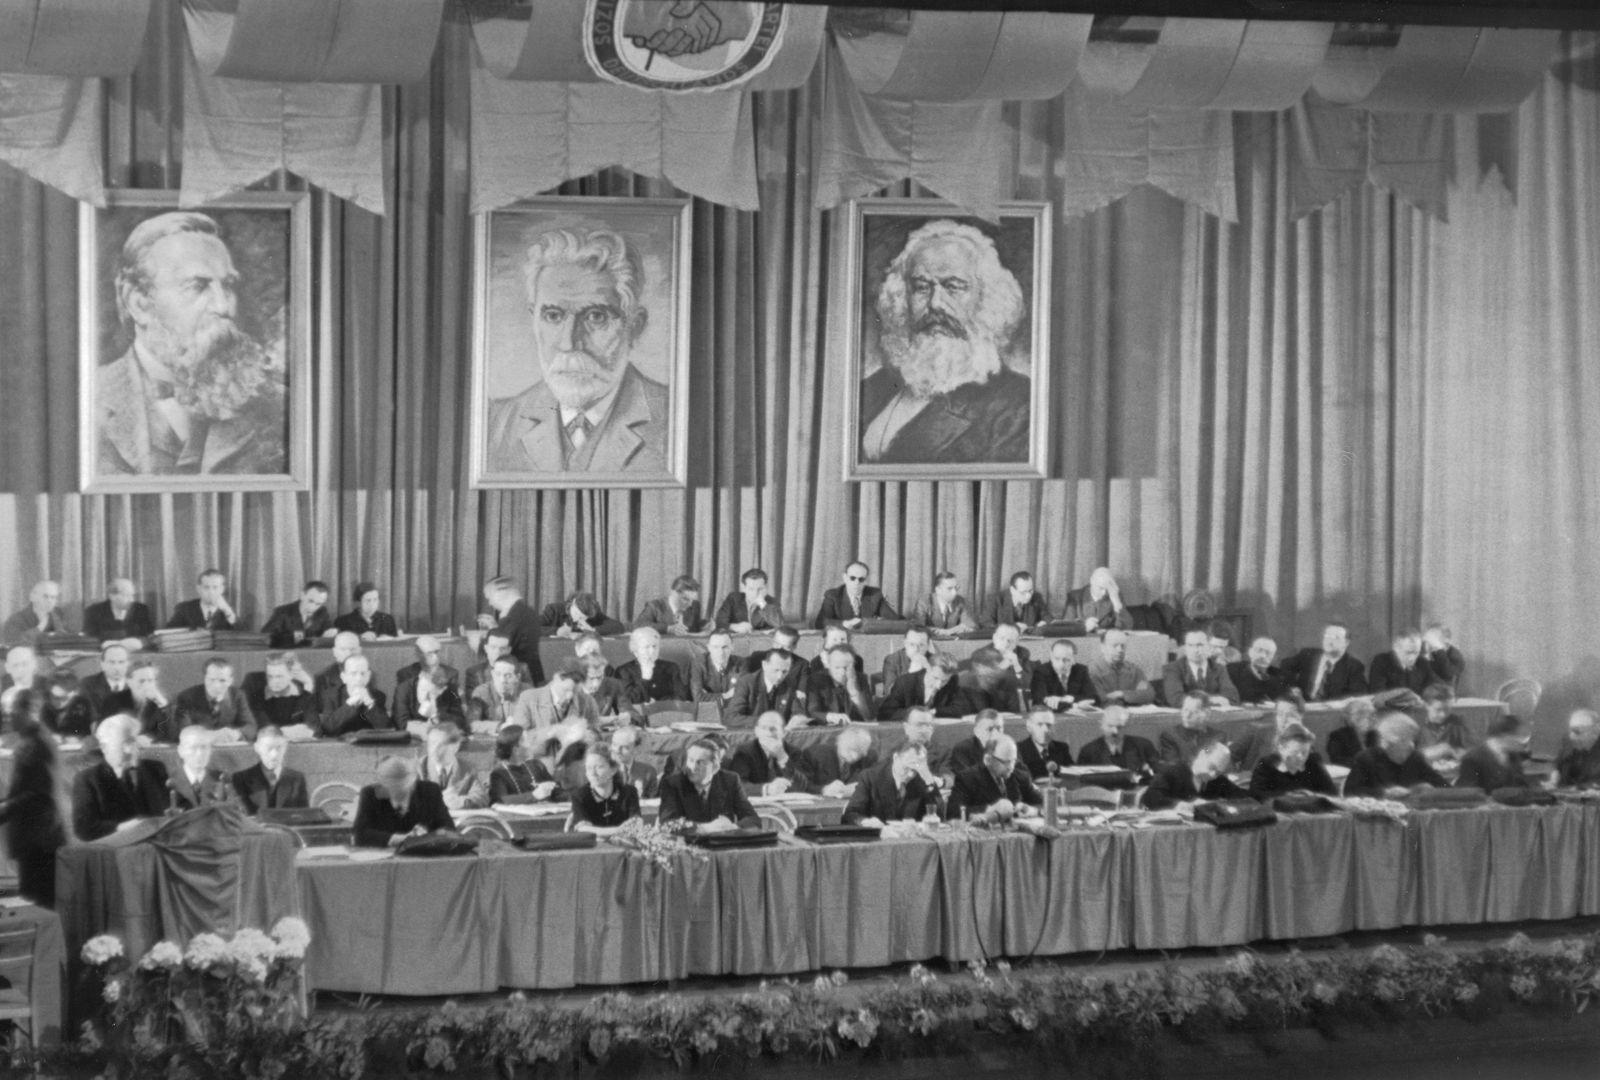 Vereinigungsparteitag von KPD und SPD zur SED im Berliner Admiralspalast am 21./22. April 1946.